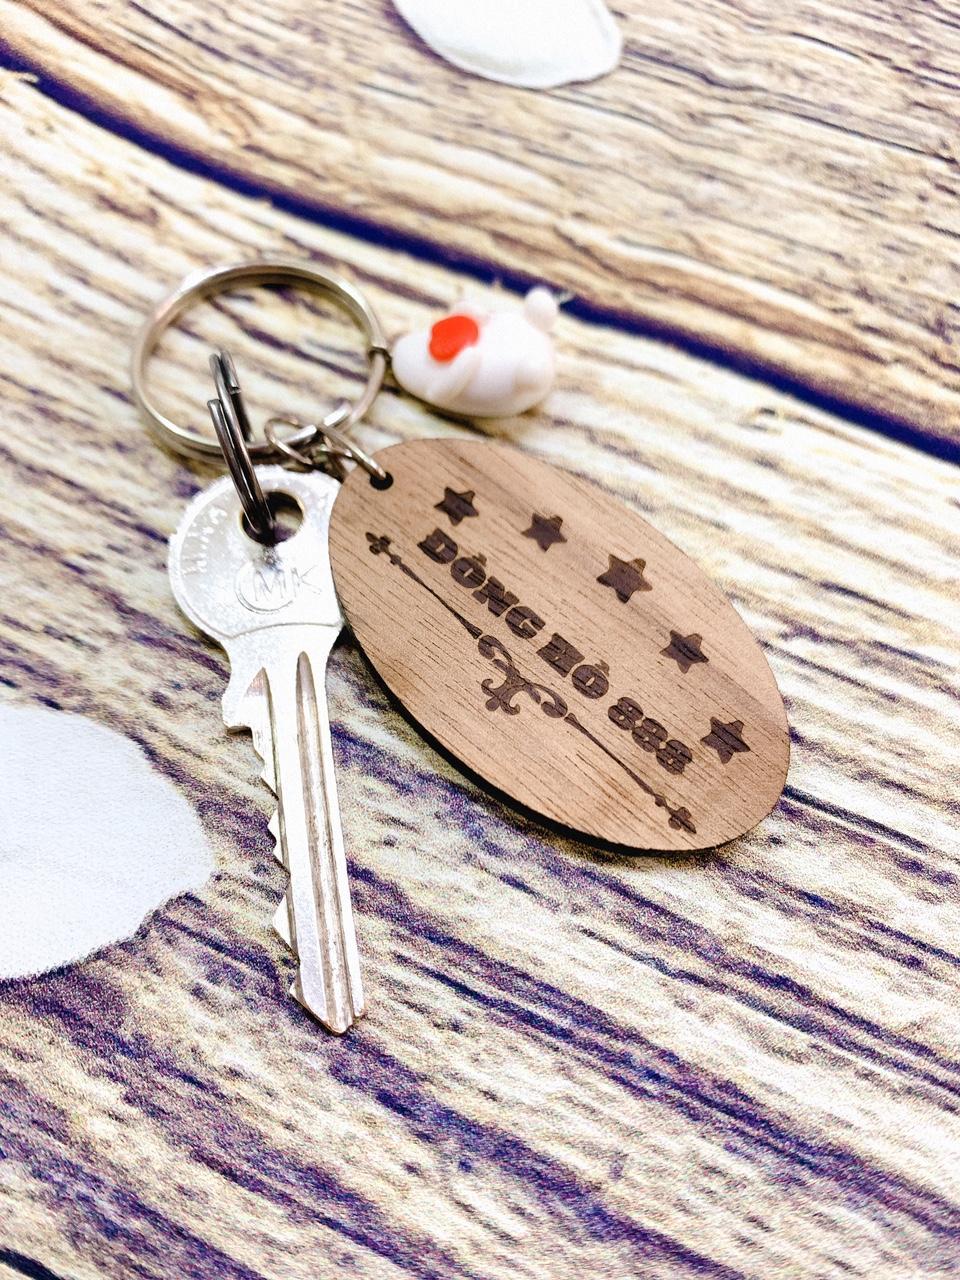 Cặp Đồng Hồ Nam Nữ Halei HL540 Dây da đen mặt trắng (Tặng pin Nhật sẵn trong đồng hồ + Móc Khóa gỗ Đồng hồ 888 y hình + Hộp Chính Hãng+ Thẻ Bảo Hành)